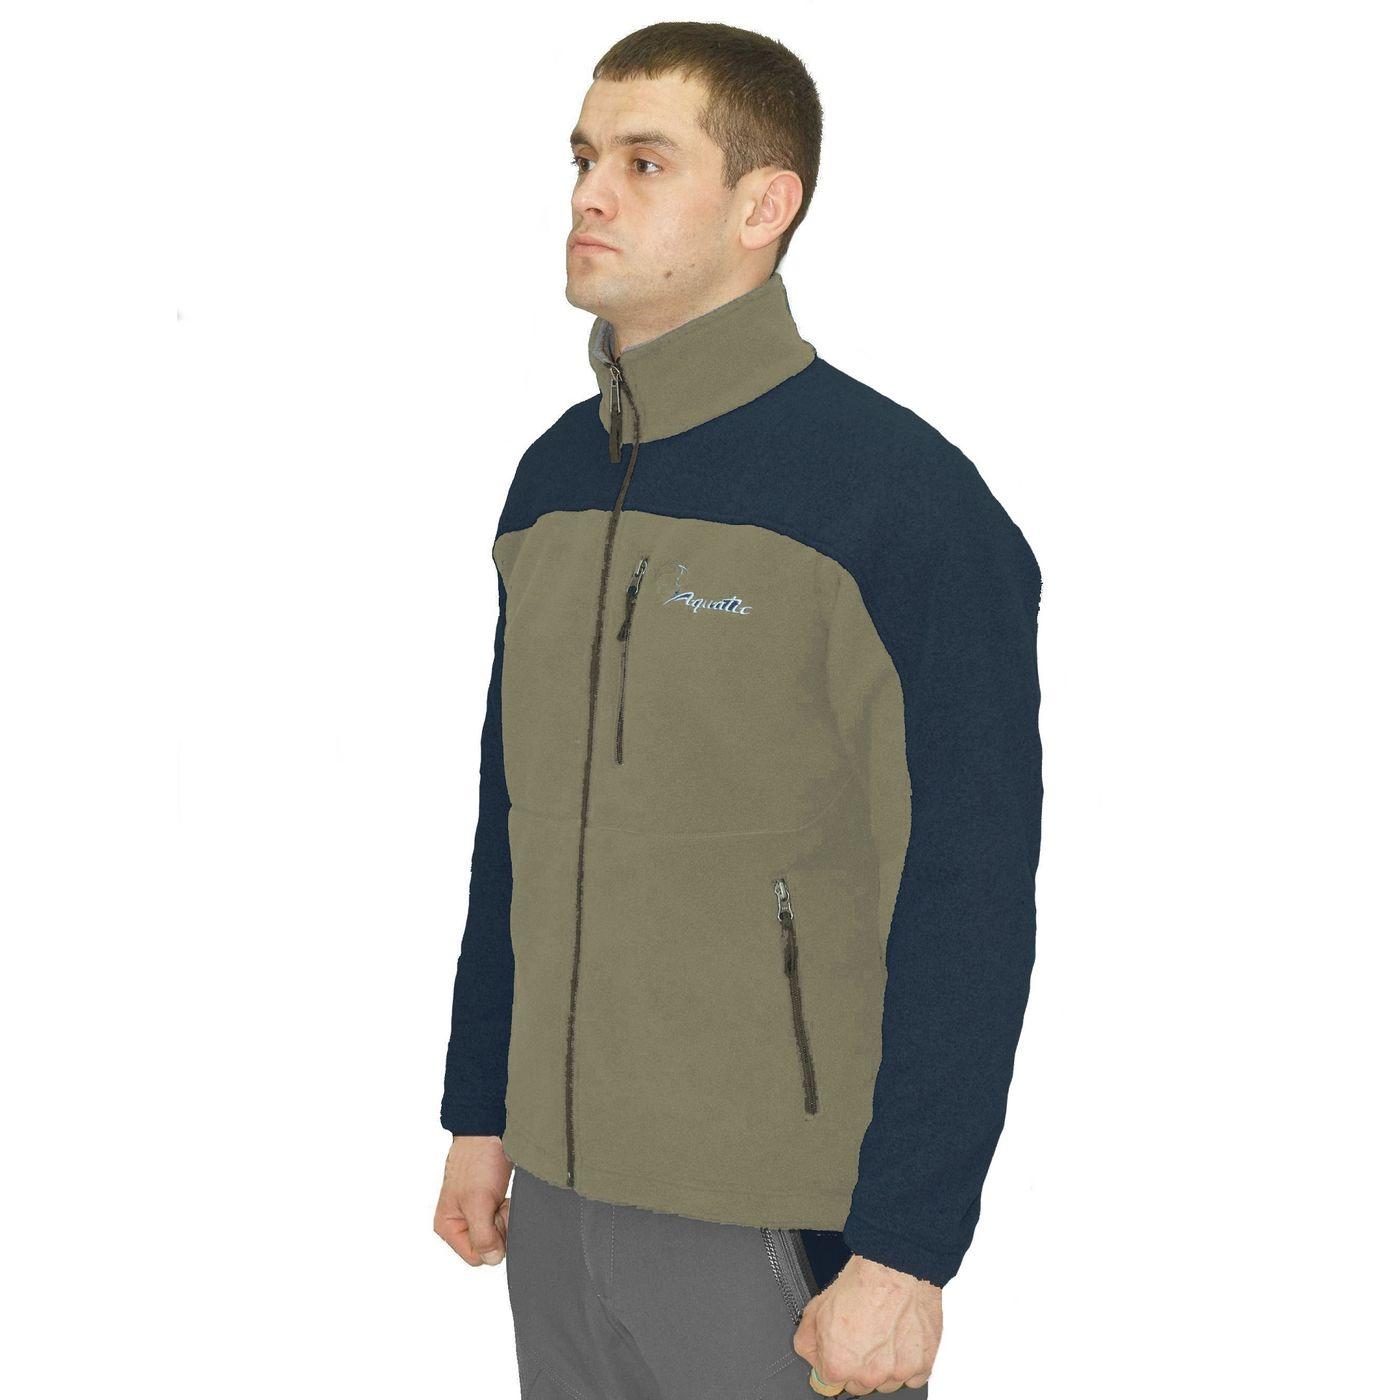 Fleece Jacket Aquatic Kf-03 BS Kf-03 BS L